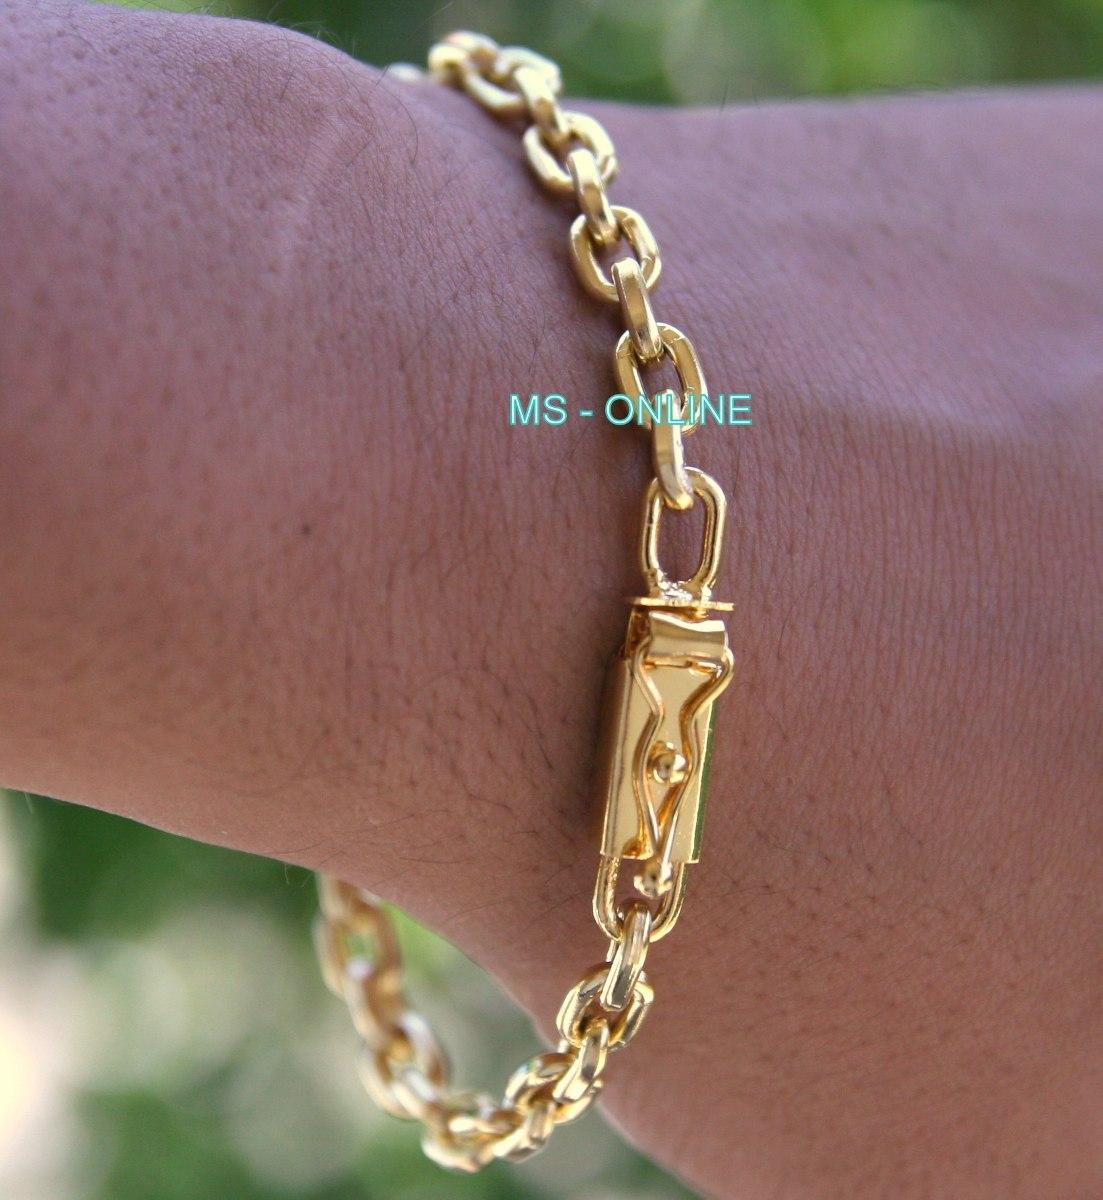 0b29197dfac8b cordao corrente masculina 6mm com pulseira banhado ouro 18k. Carregando  zoom.